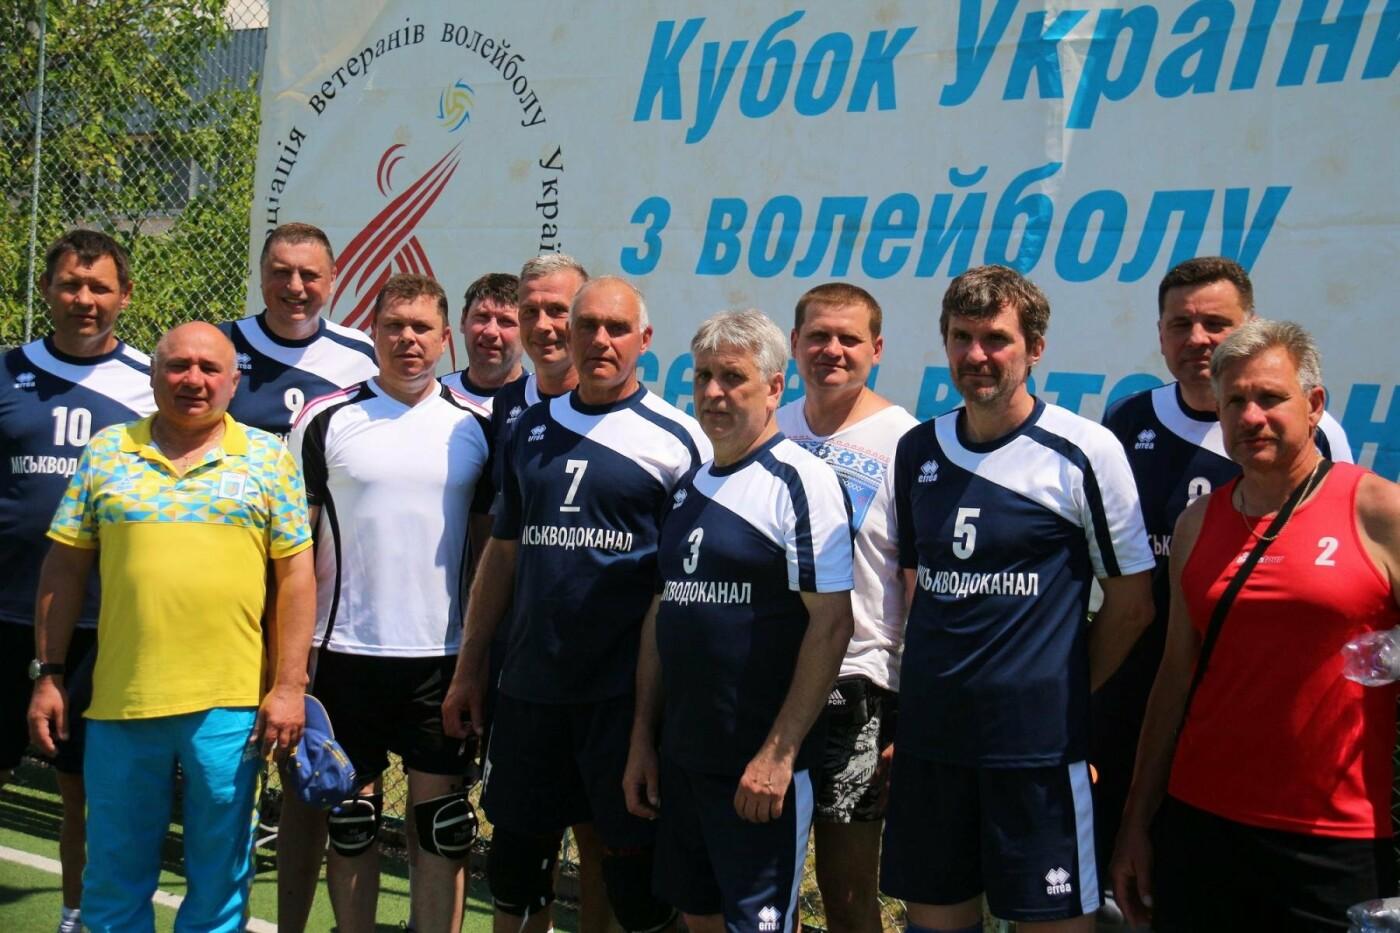 Ветераны волейбола из Каменского стали чемпионами Украины, фото-1